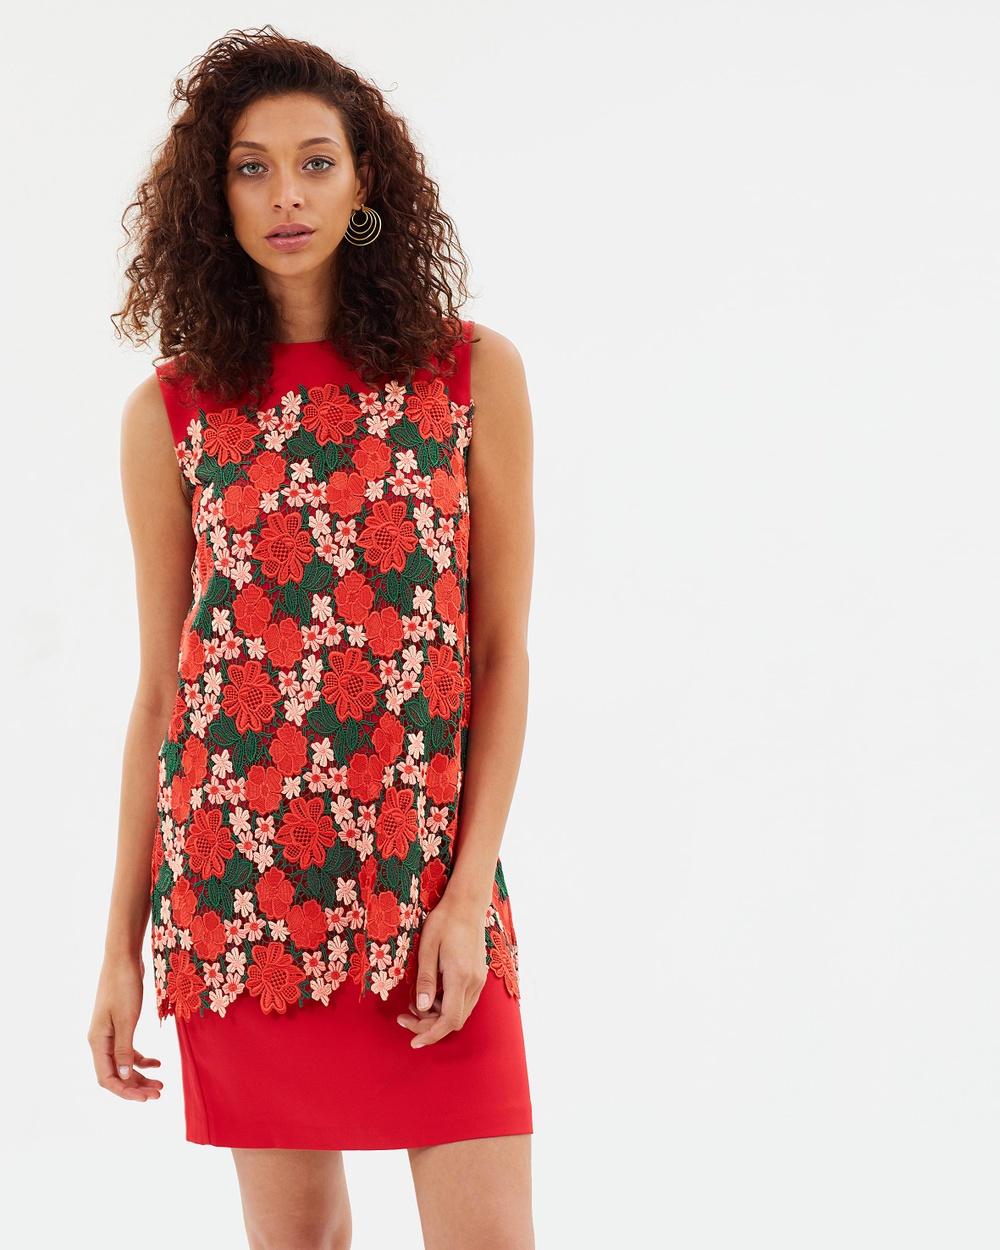 Sportmax Code Nebbie Layered Lace Shift Dress Dresses Red Nebbie Layered Lace Shift Dress